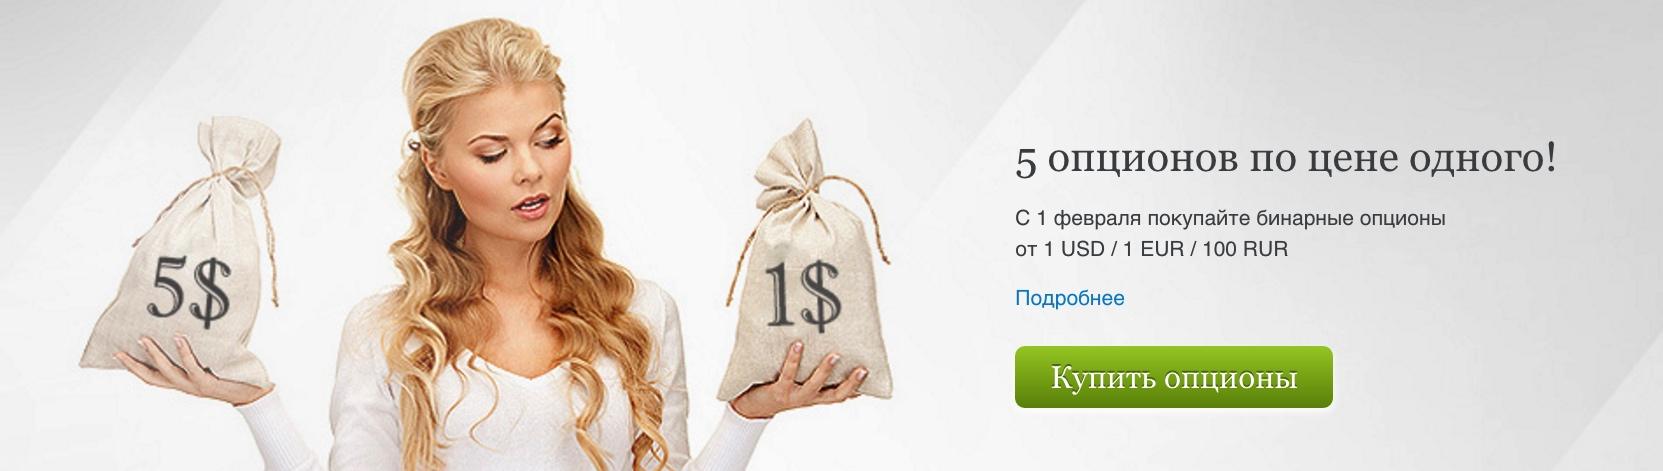 Распродажа бинарных опционов от Альпари!